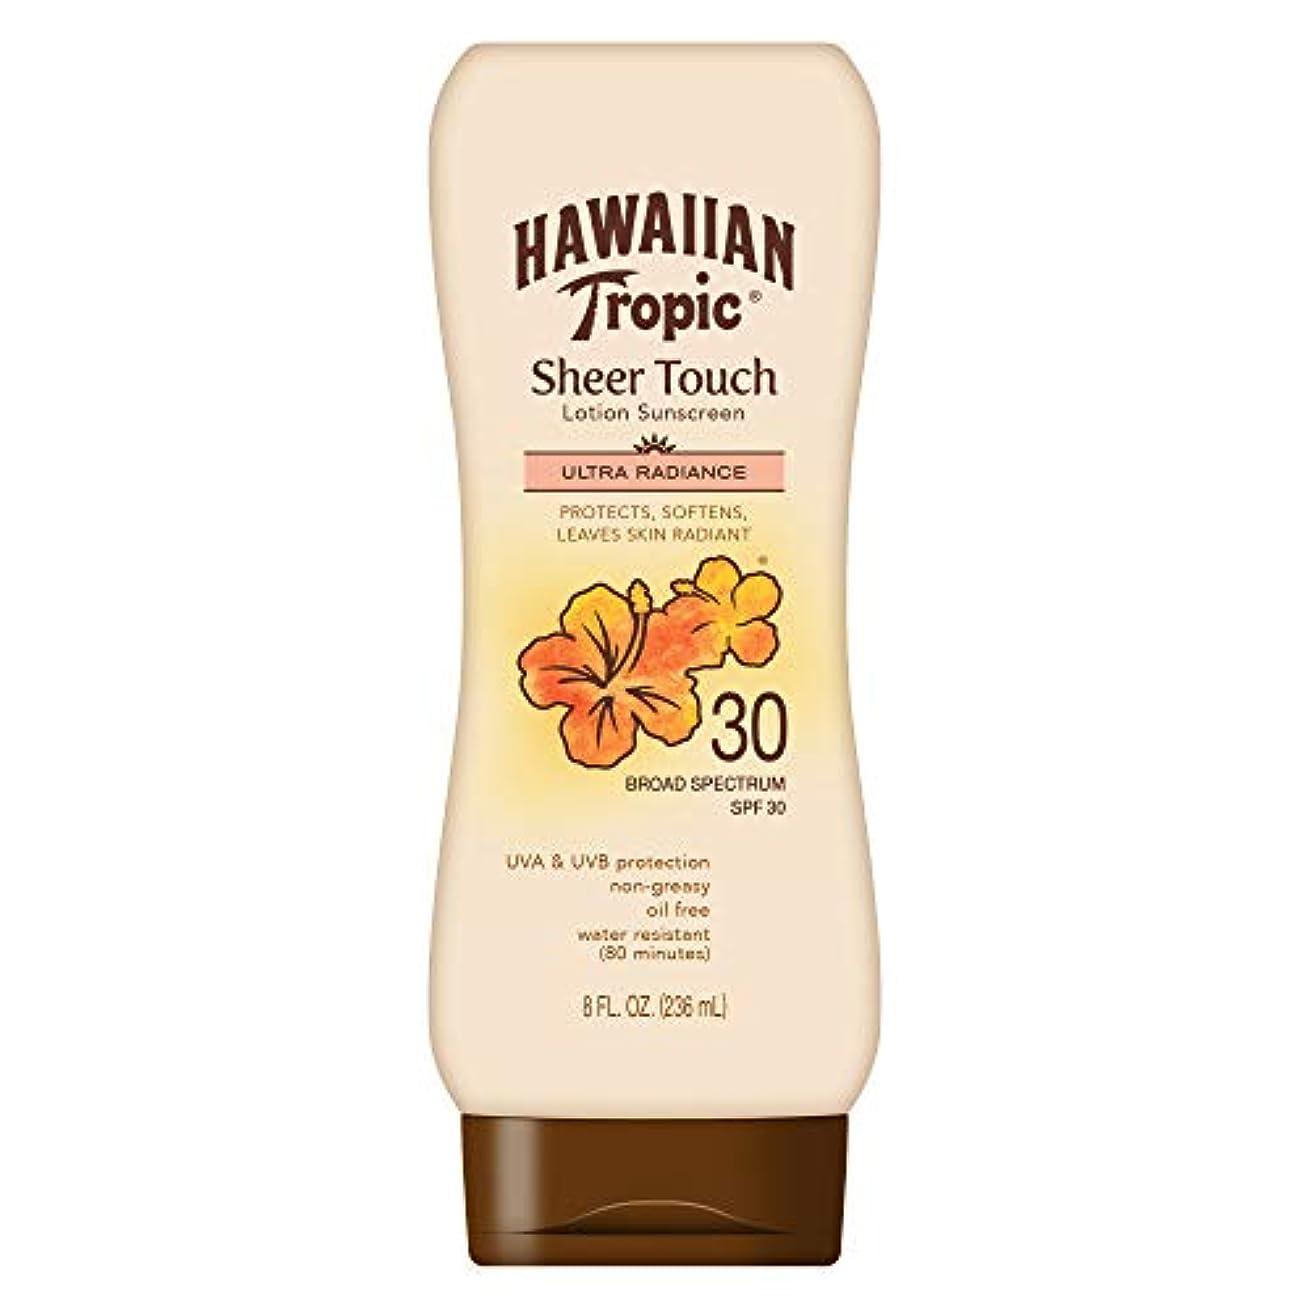 デコードする雑種王室Hawaiian Tropic Sheer Touch Sunscreen Lotion SPF 30 -- 8 fl oz by Hawaiian Tropic